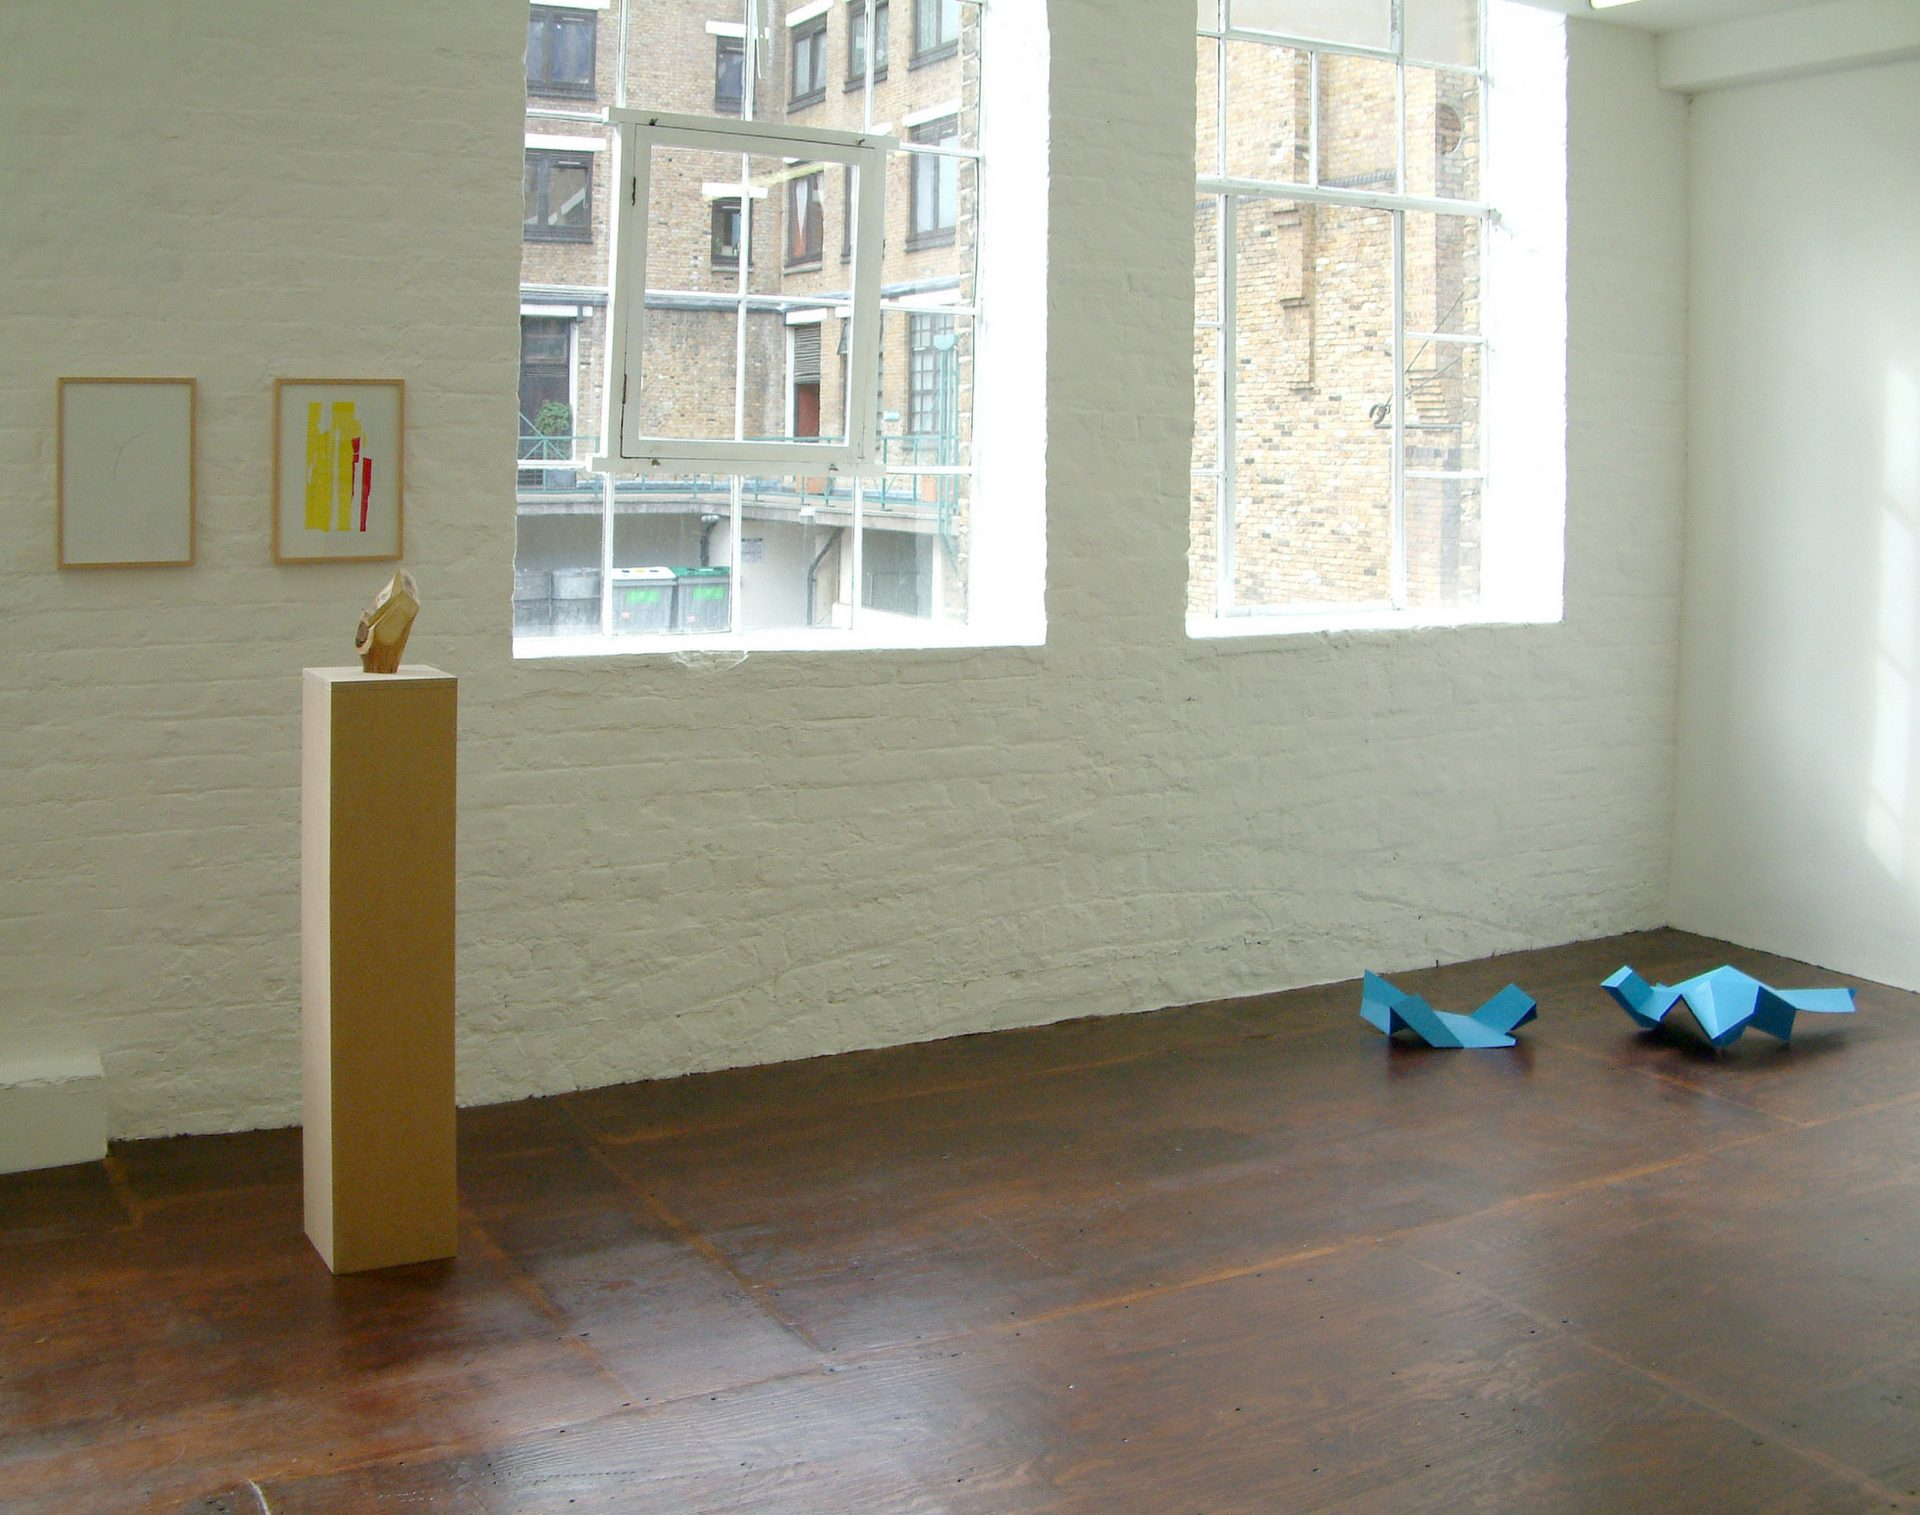 Eline McGeorge: Departure of a Stranger, 2005